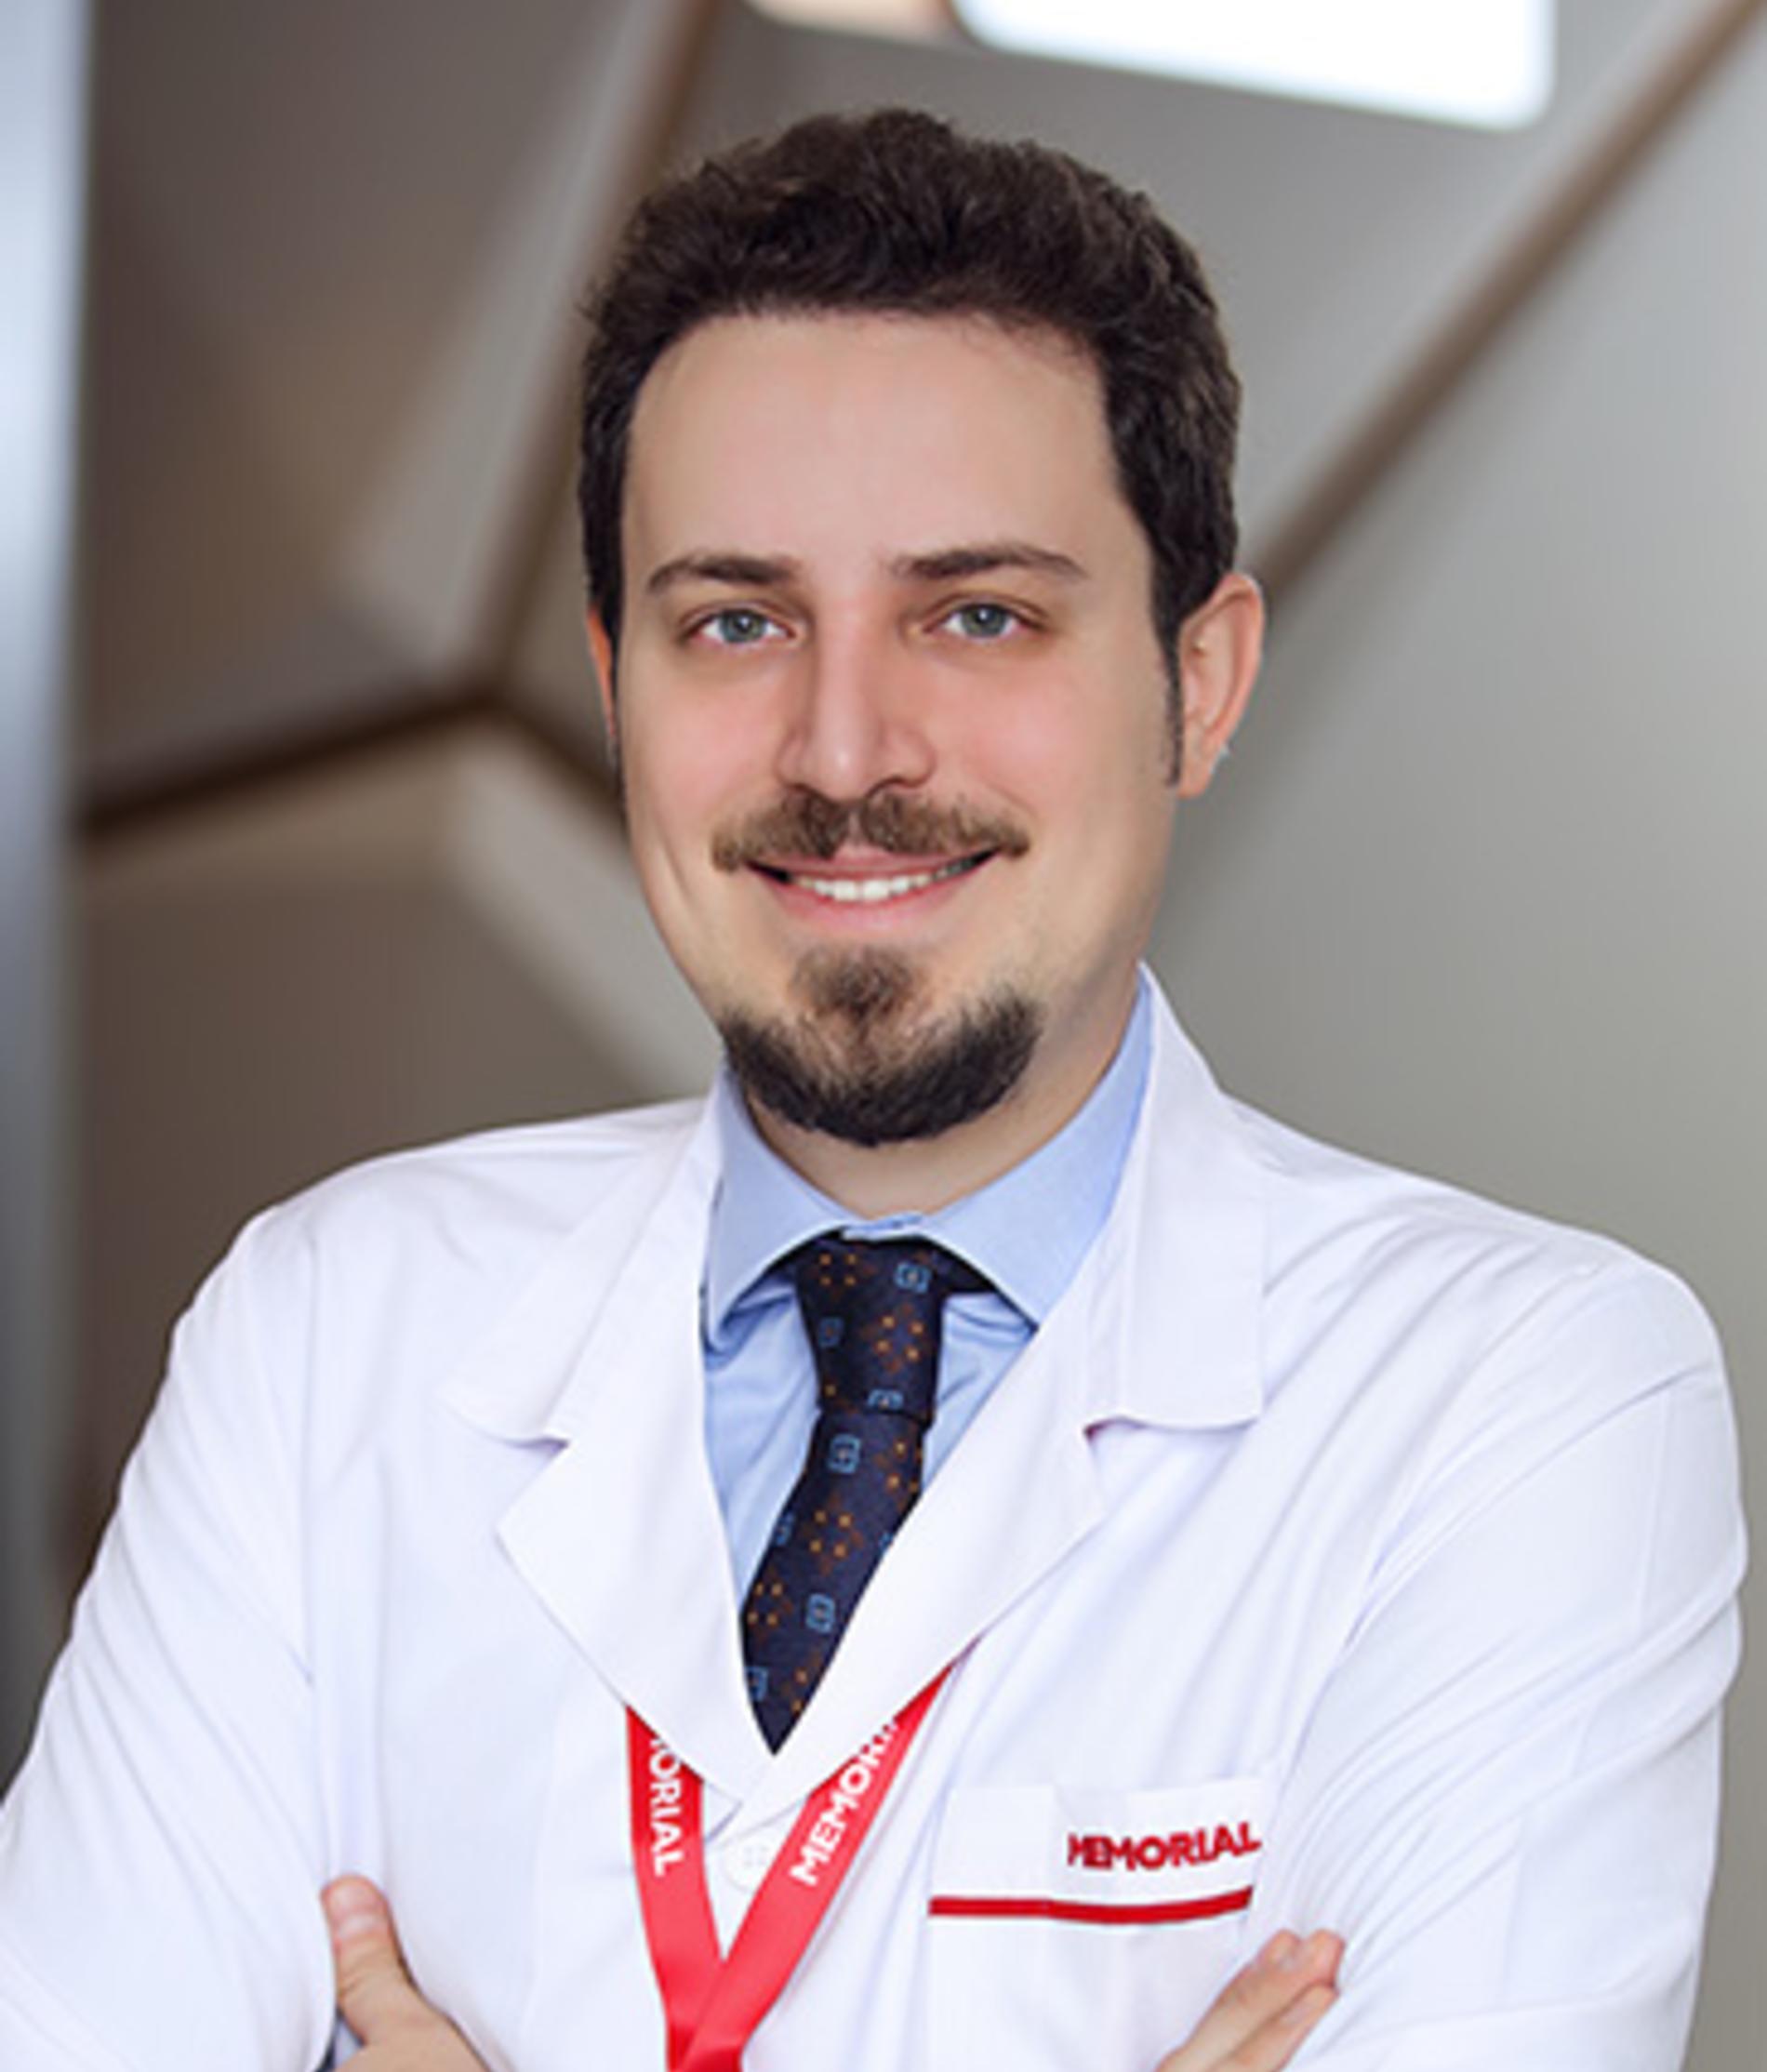 Dr. Atilla Adnan Eyuboglu, MD